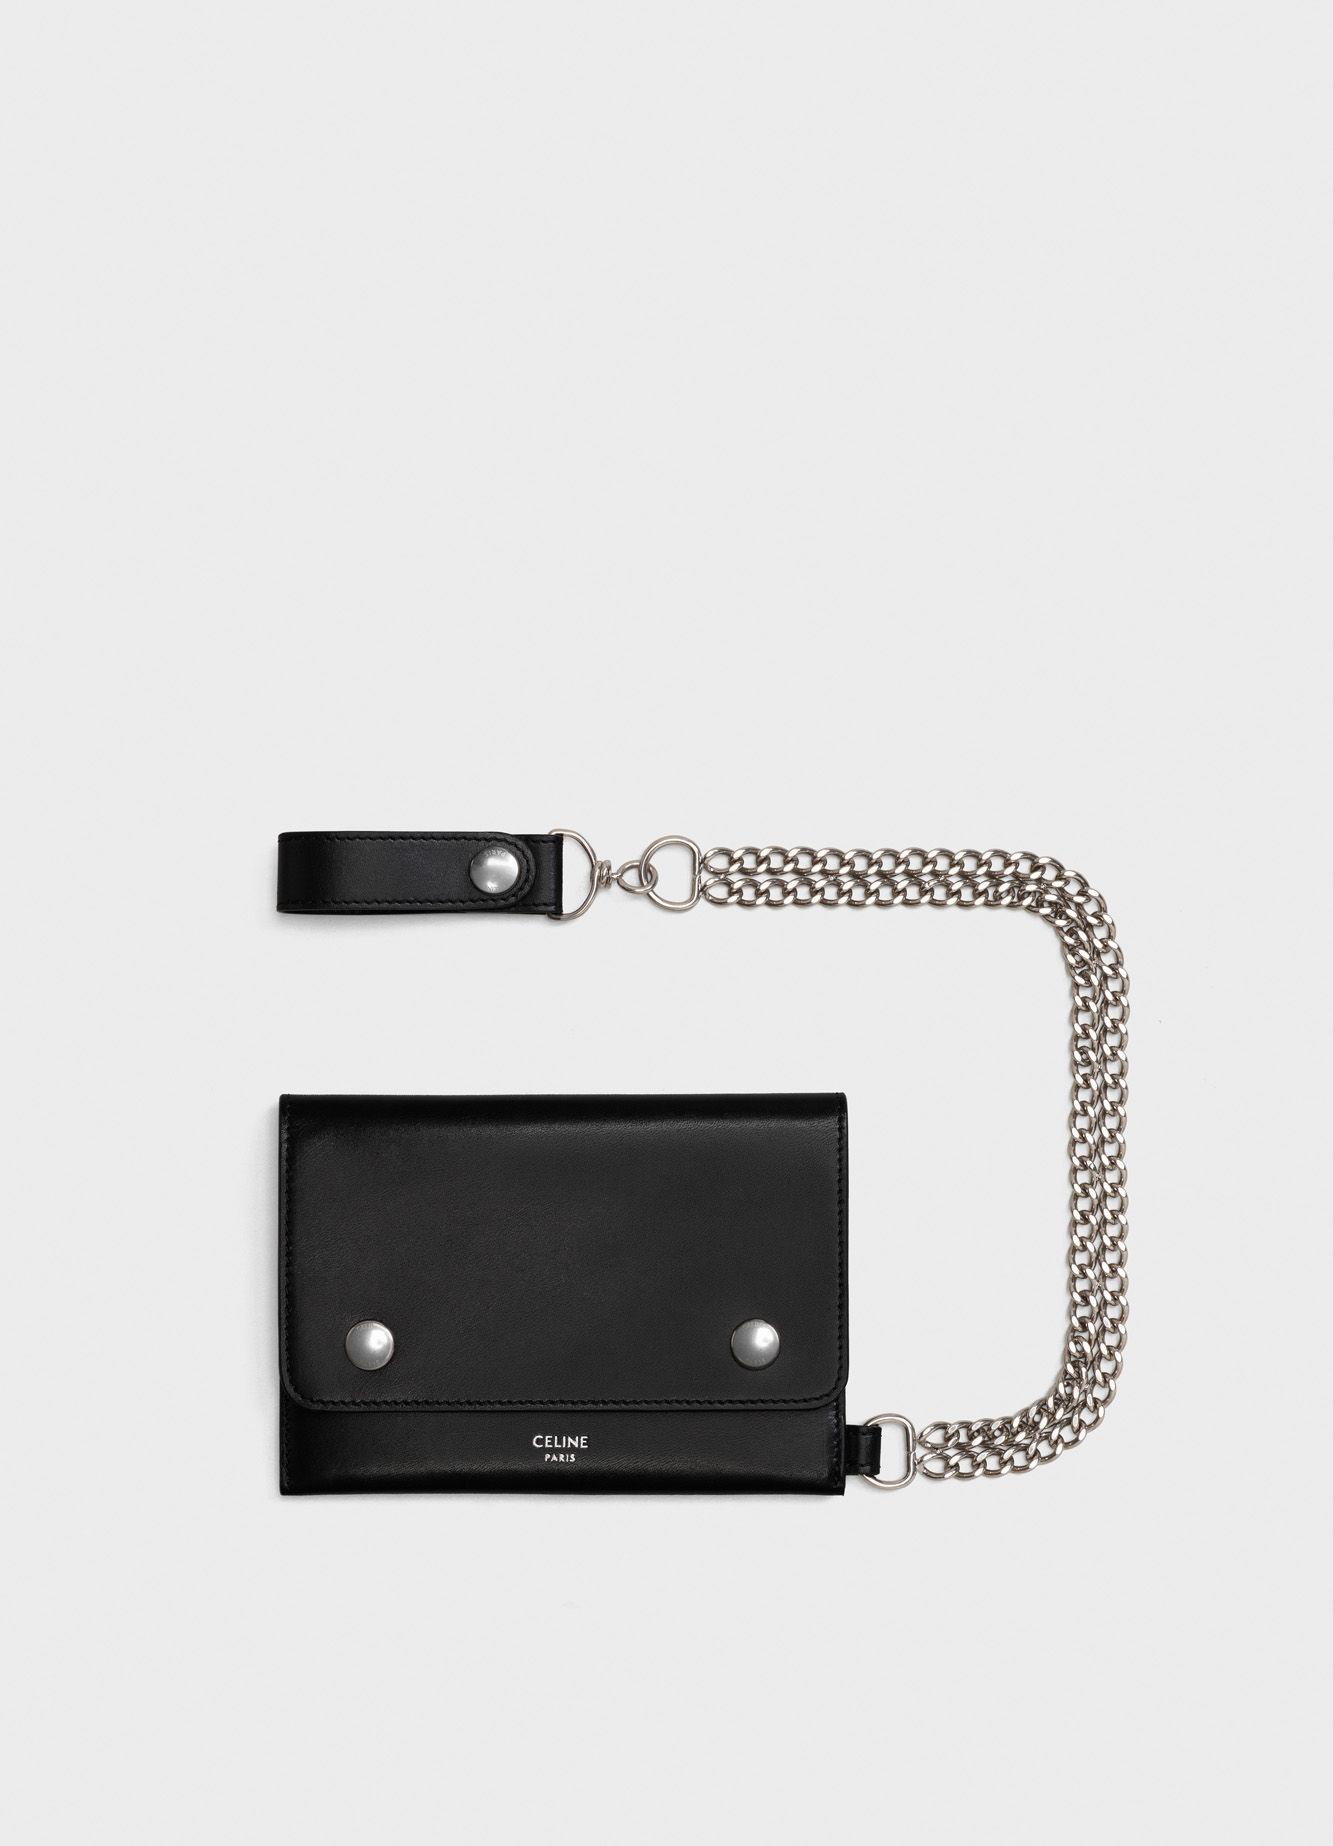 金運に影響大⁈メンズ財布人気ブランド、オススメアイテム15選